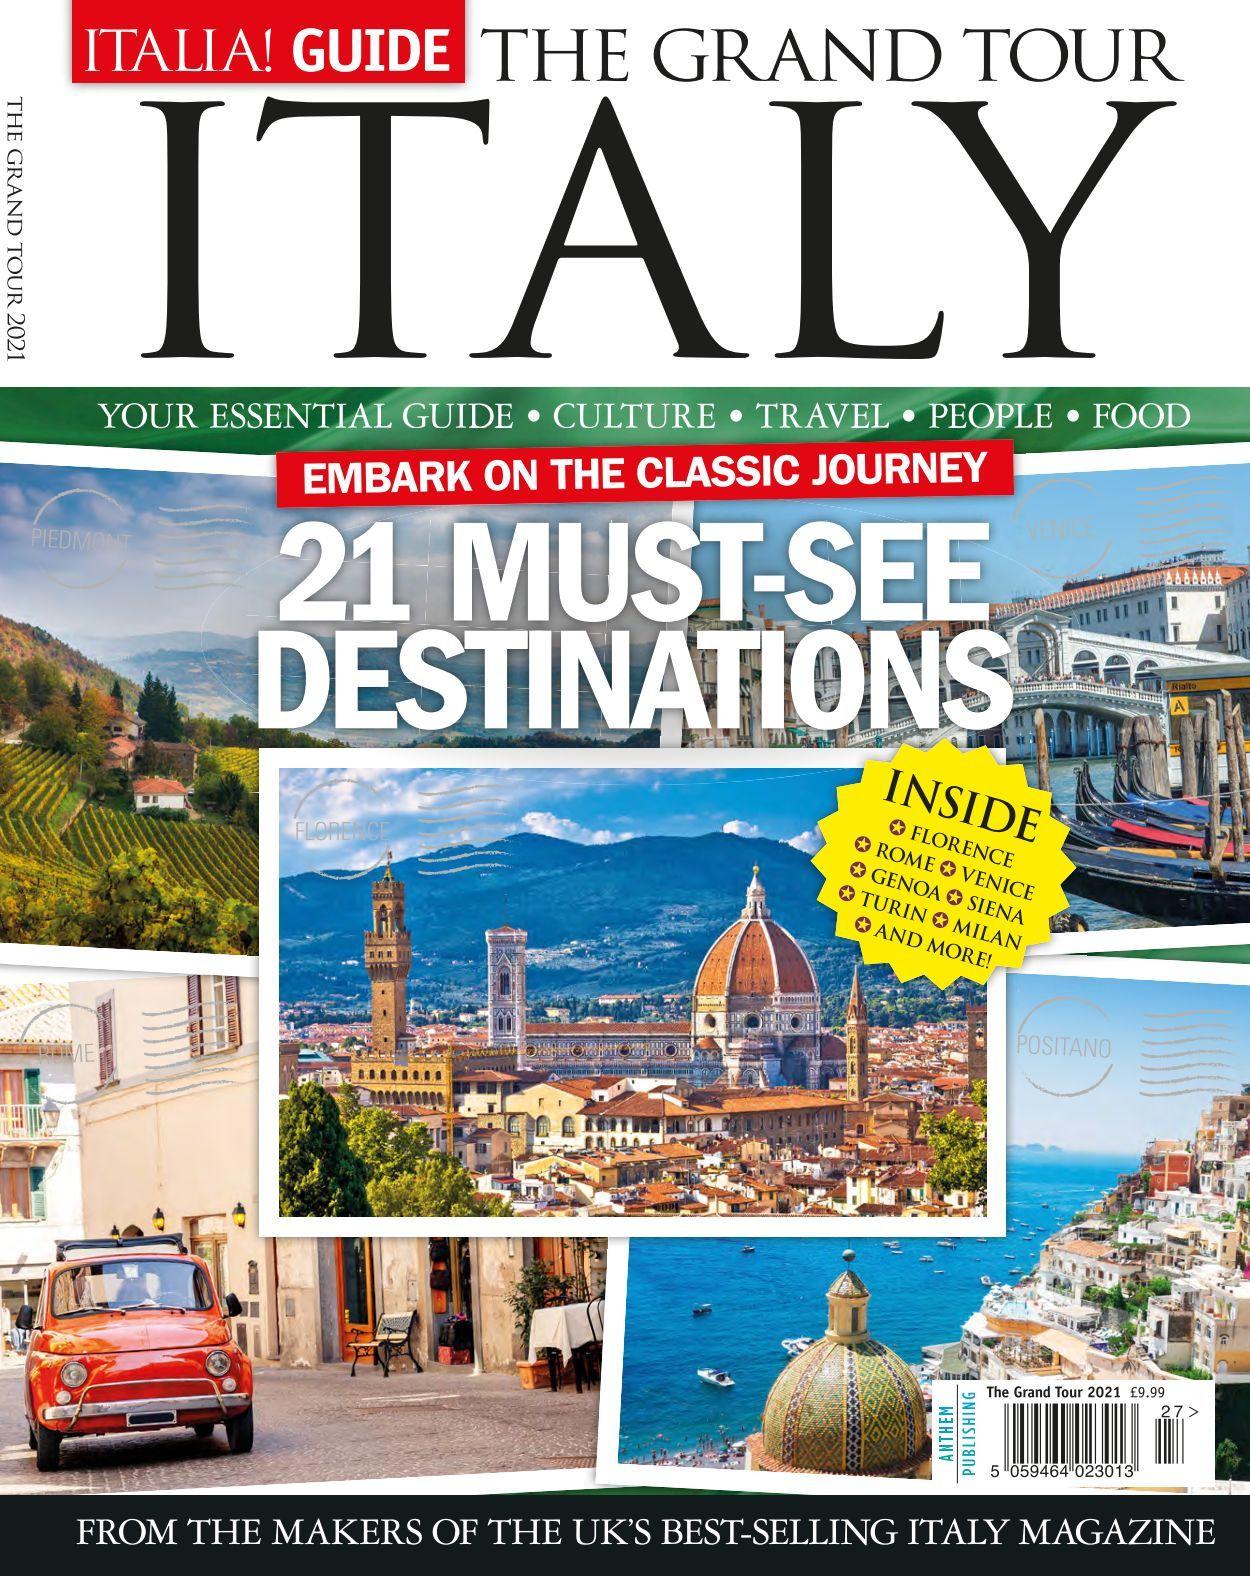 Italia Guide The Grand Tour 2021